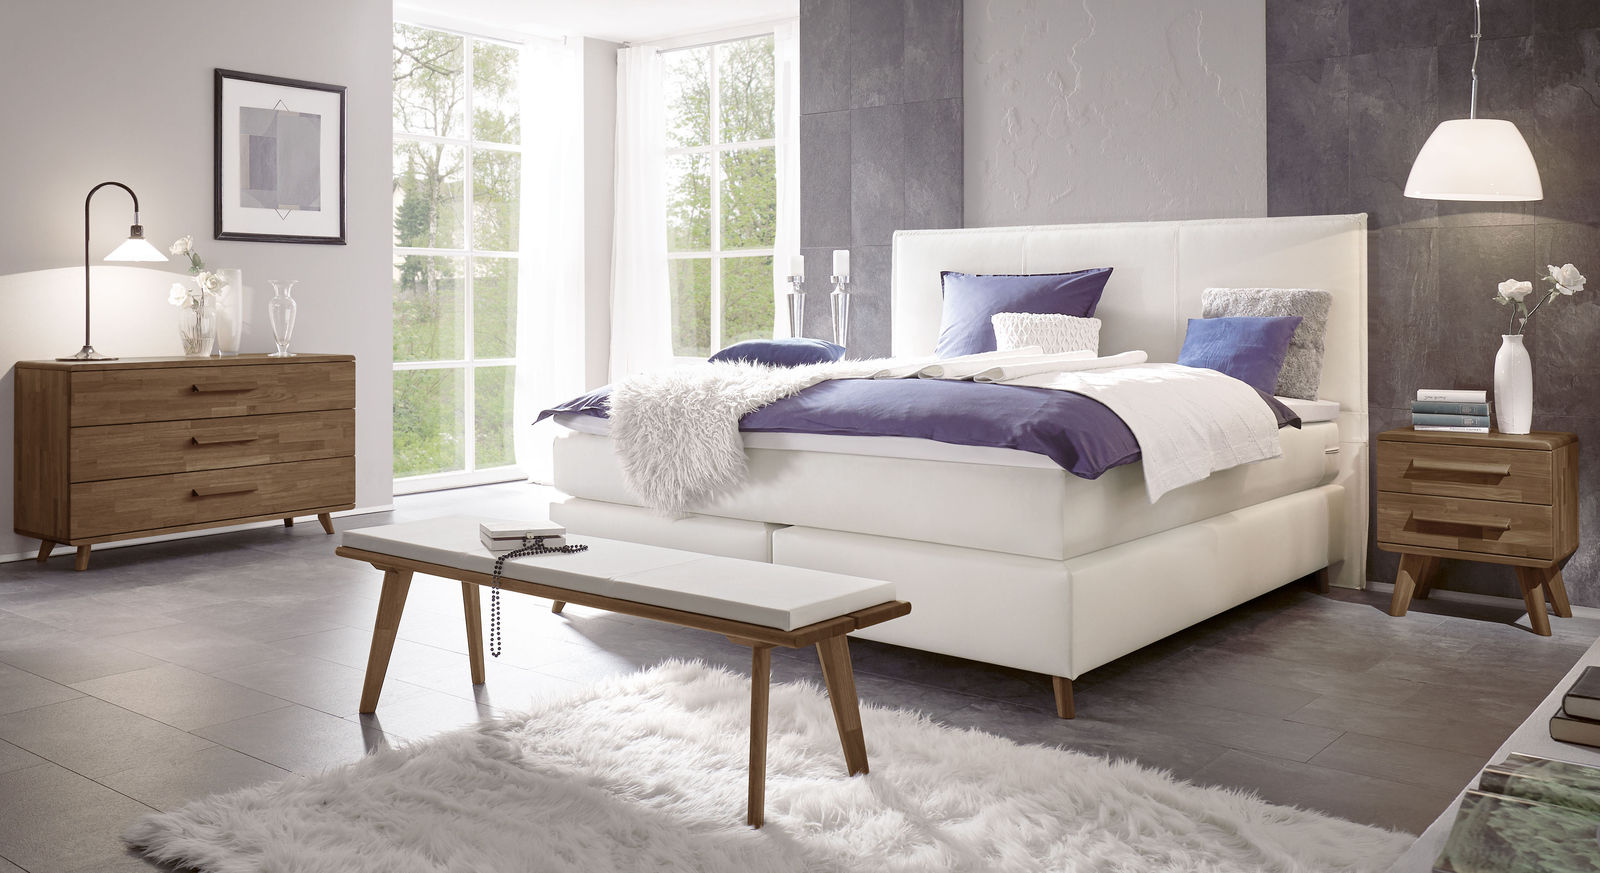 Kommode Moroni mit passenden Schlafzimmer-Möbeln